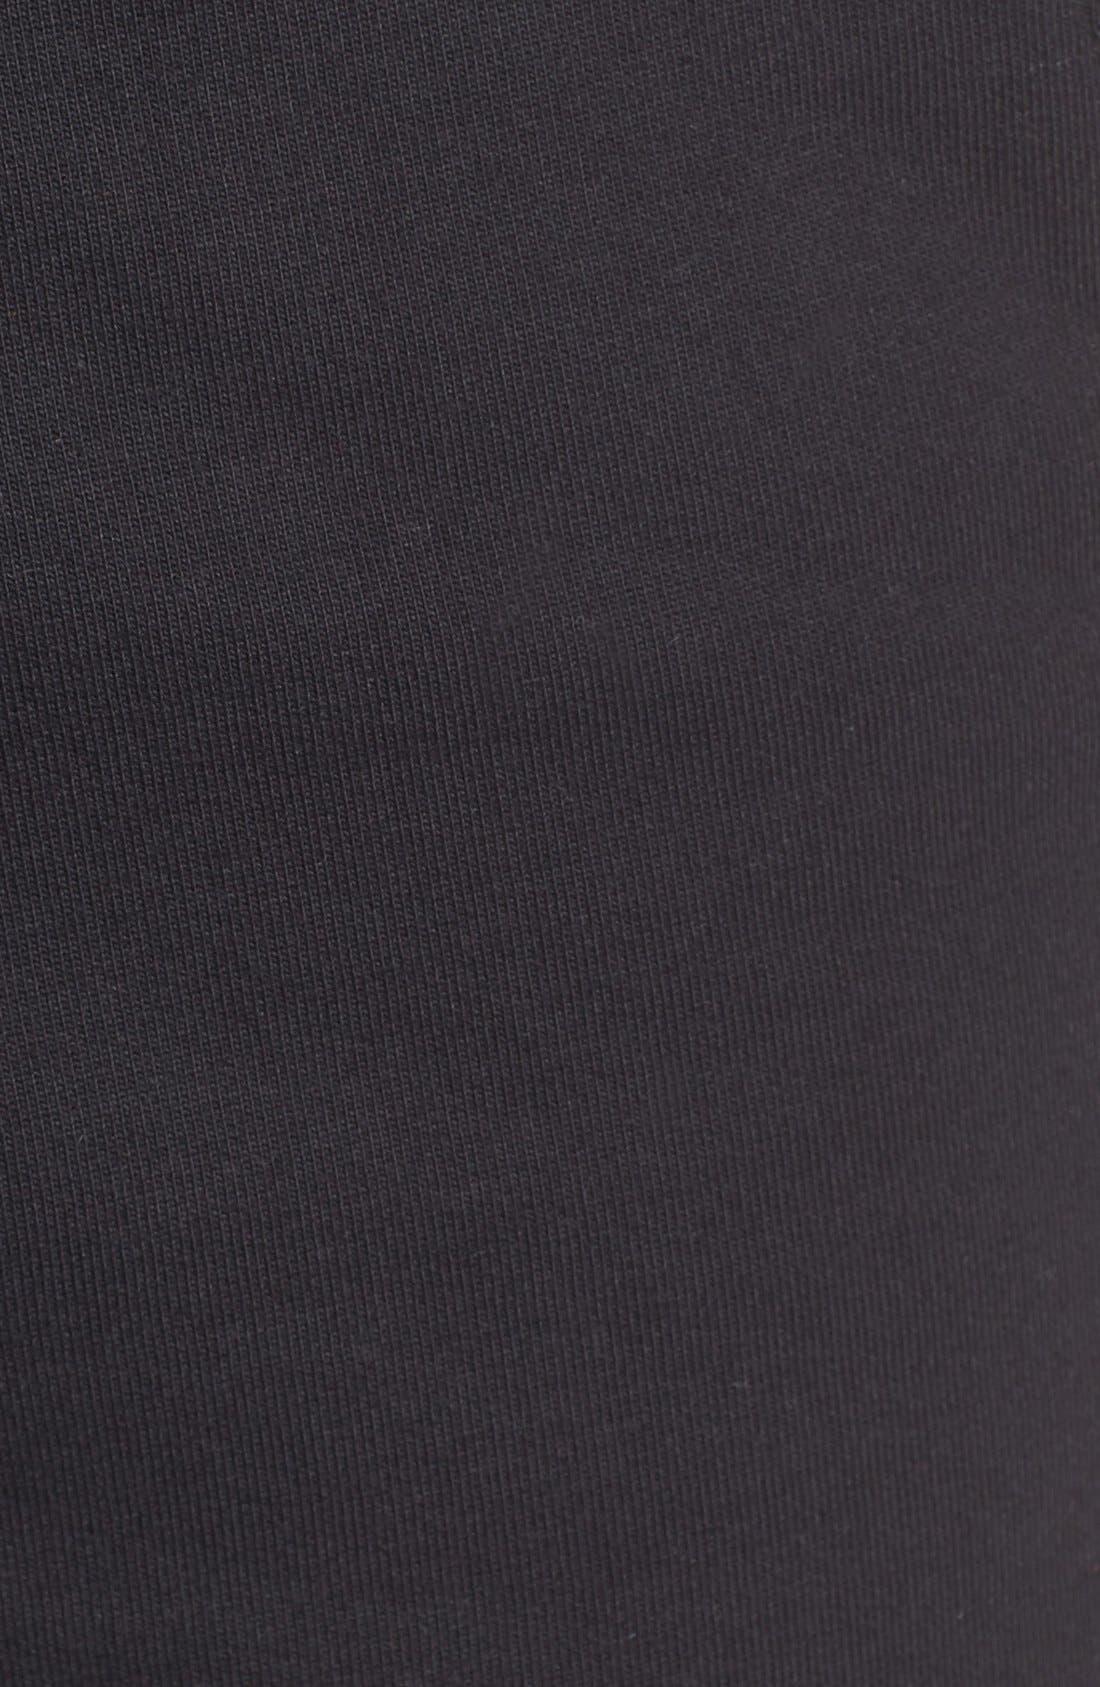 Alternate Image 5  - Nike 'NSW' Logo French Terry Shorts